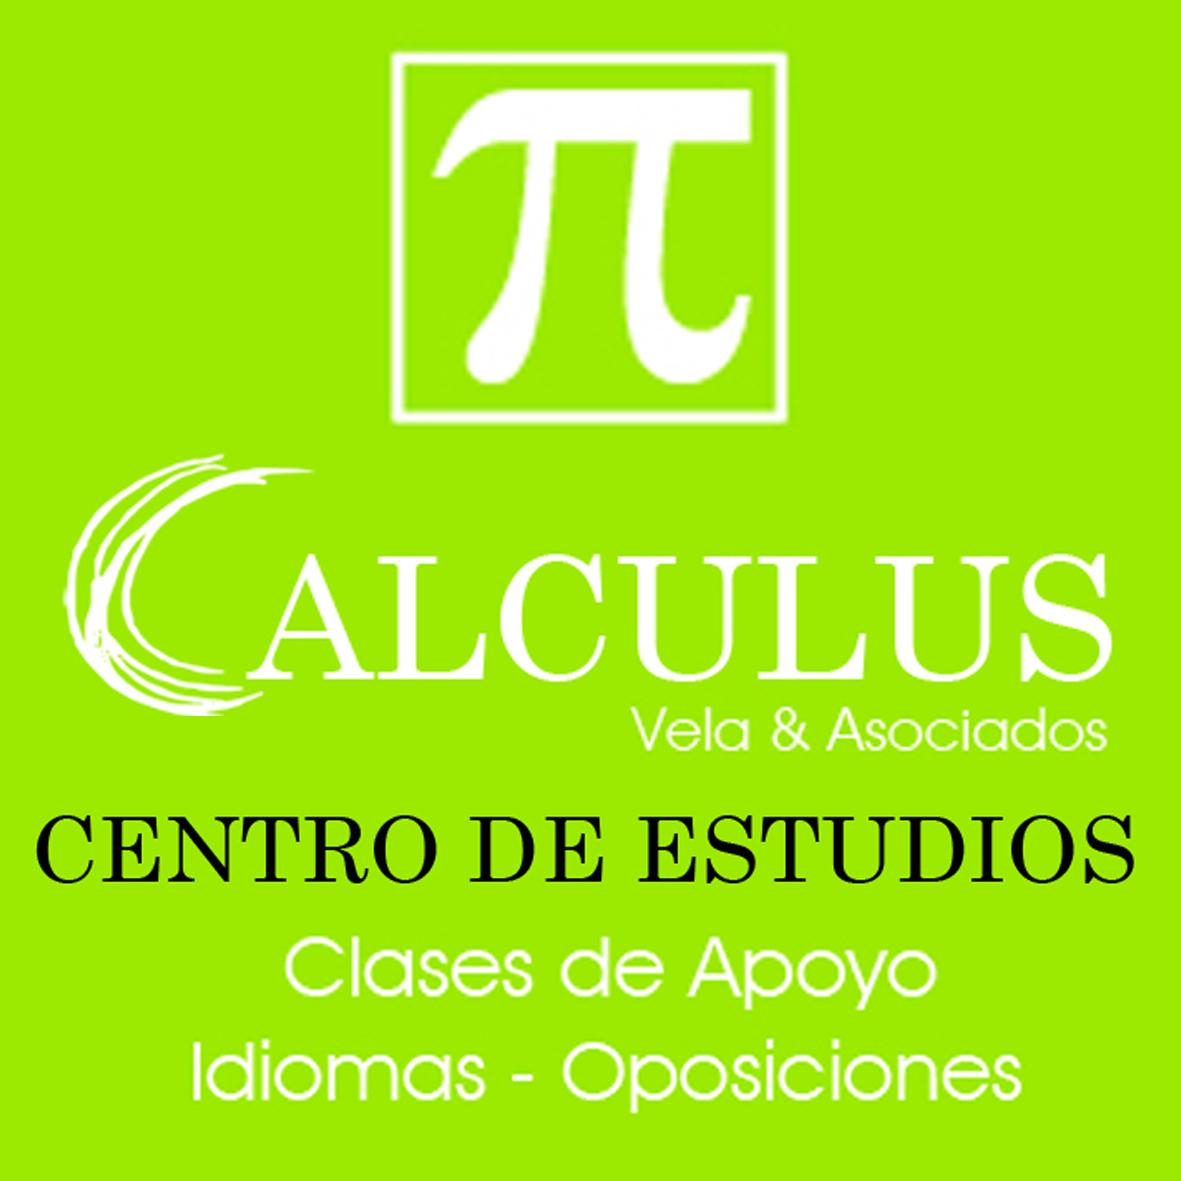 CENTRO DE ESTUDIOS CALCULUS